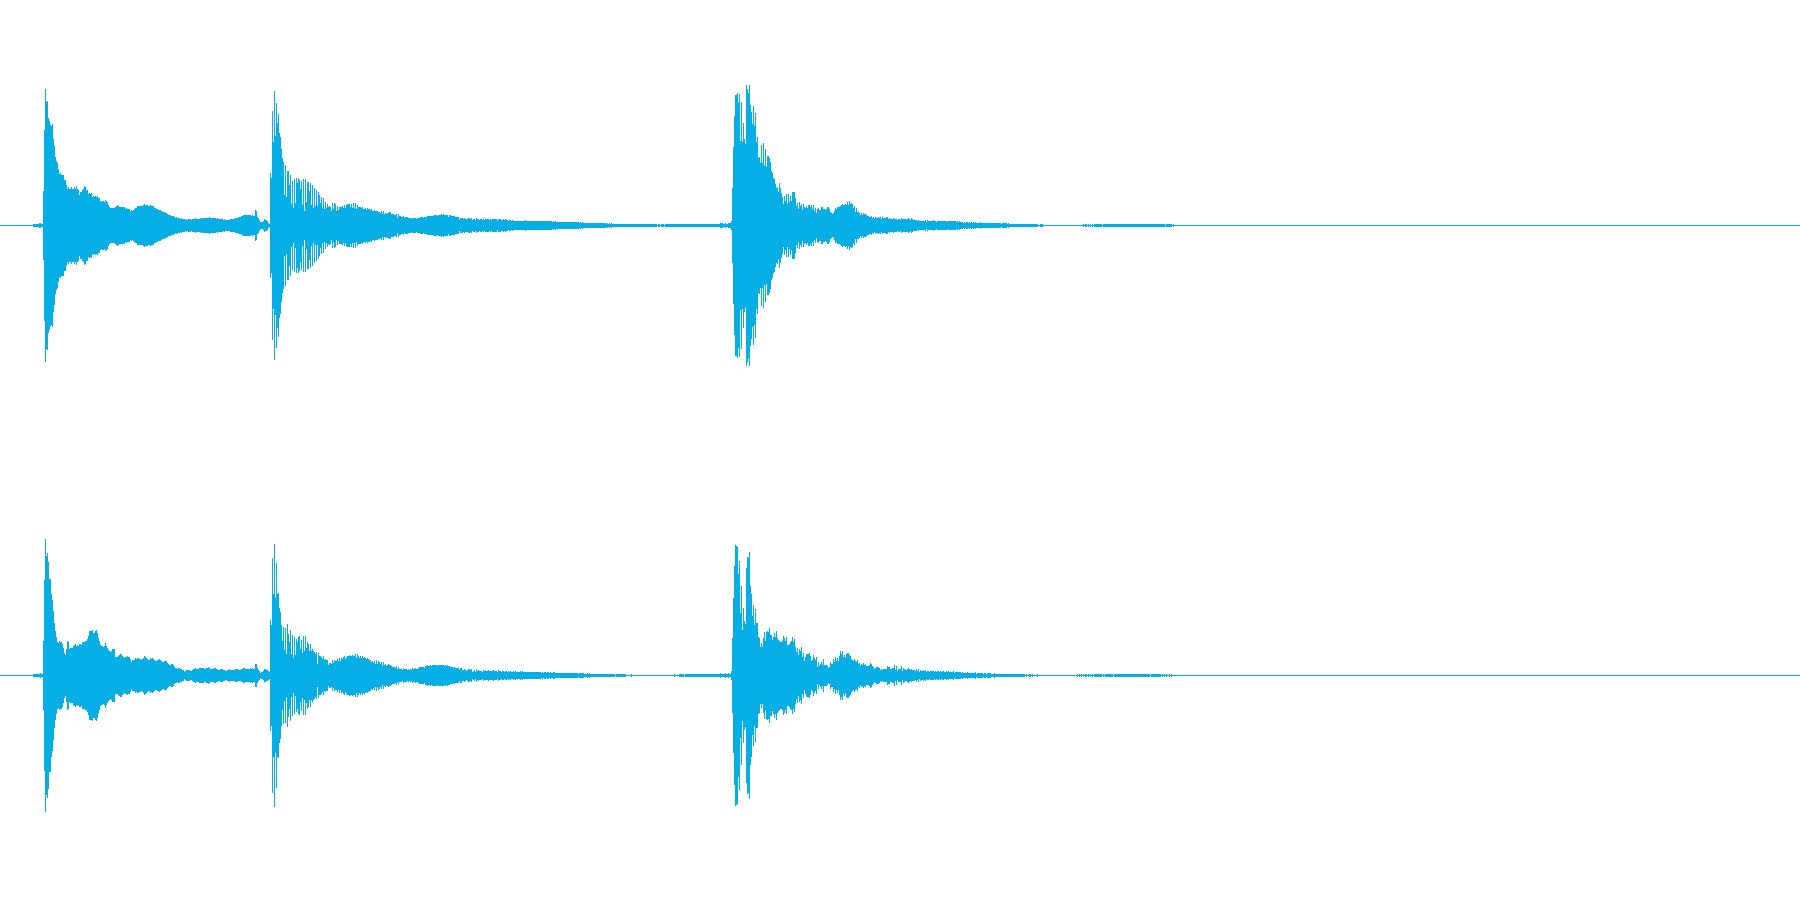 三味線のチントンシャン終わりのジングルの再生済みの波形